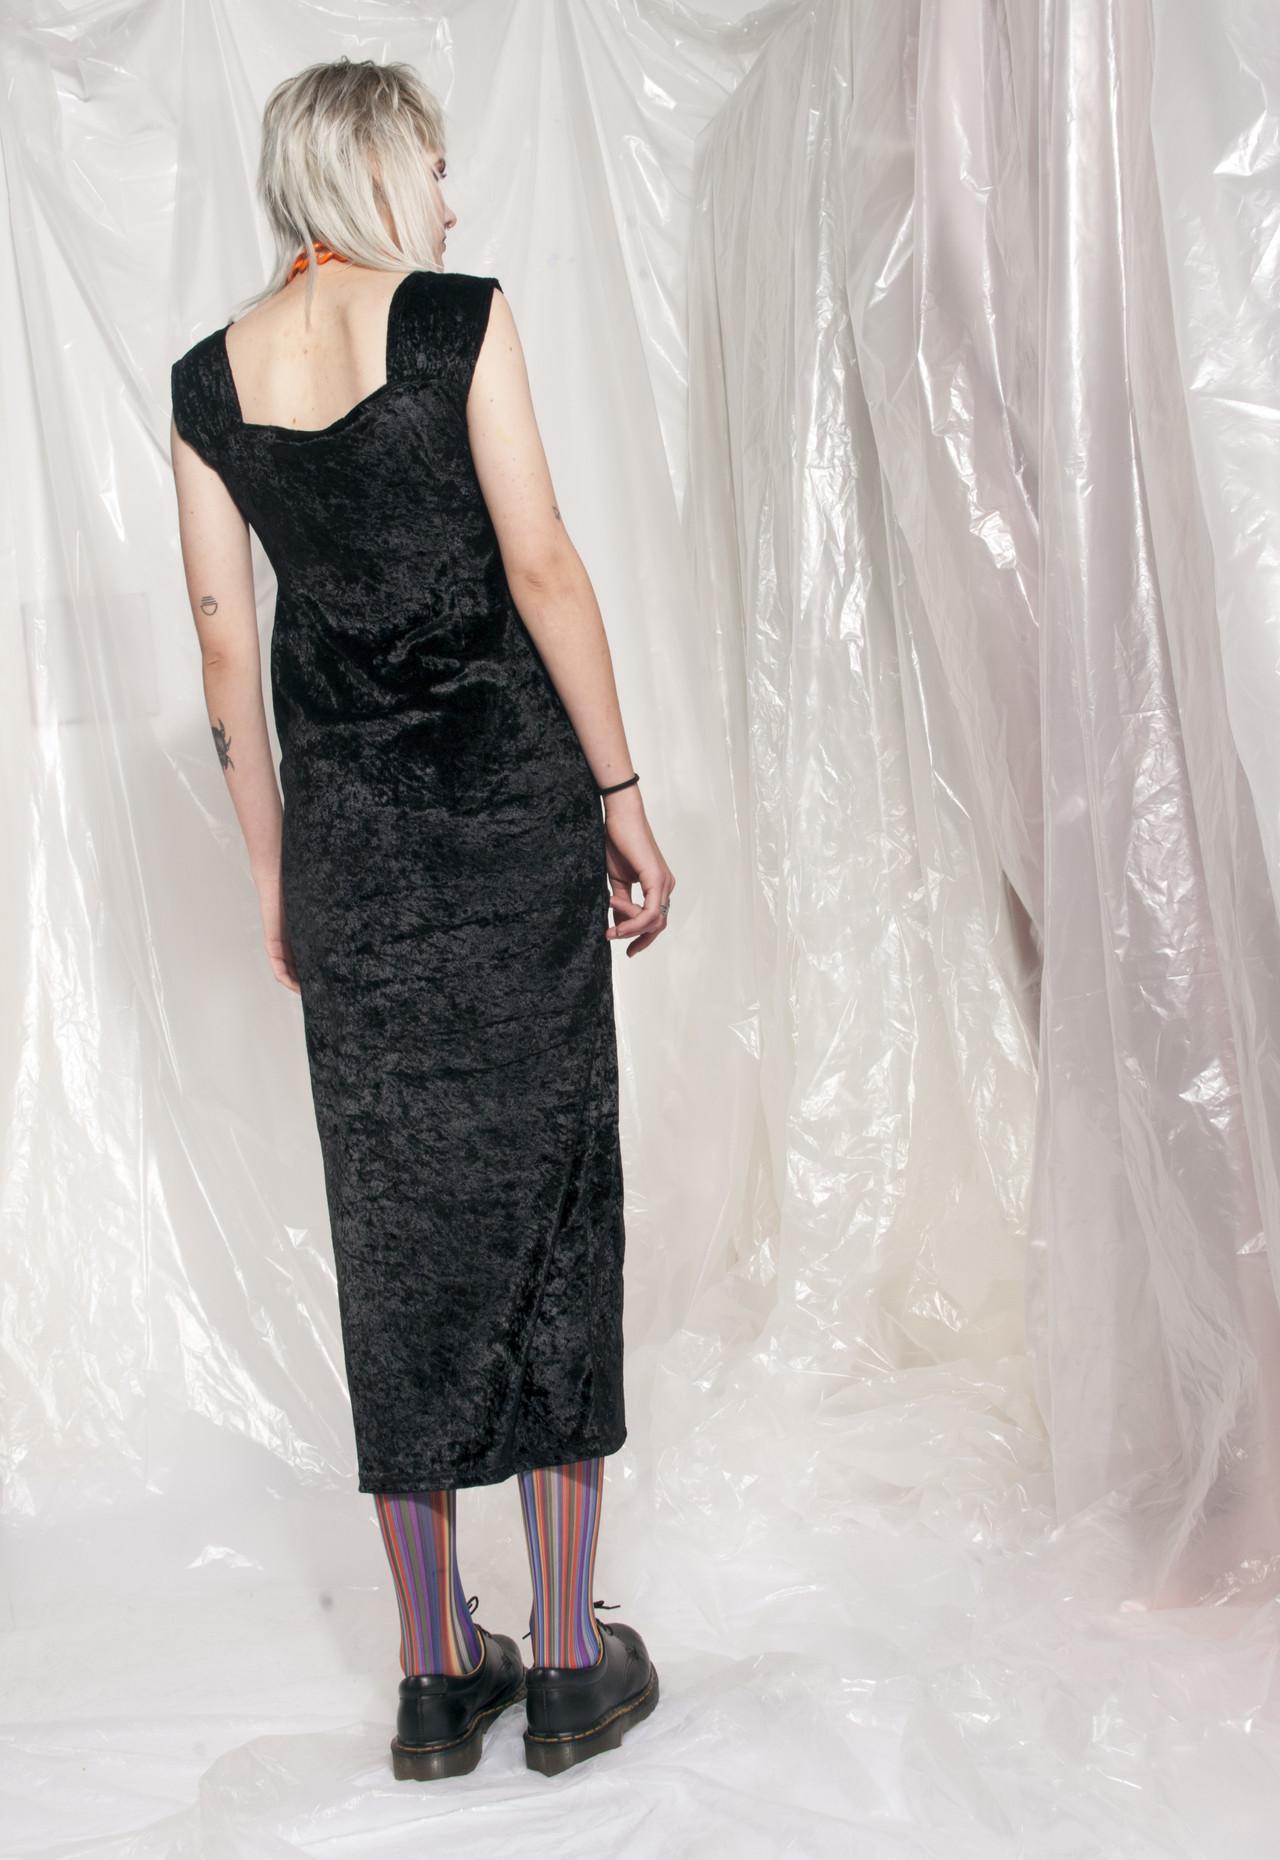 Vintage Crushed Velvet Dress 90s Black Grunge Maxi Dress Pop Sick Vintage